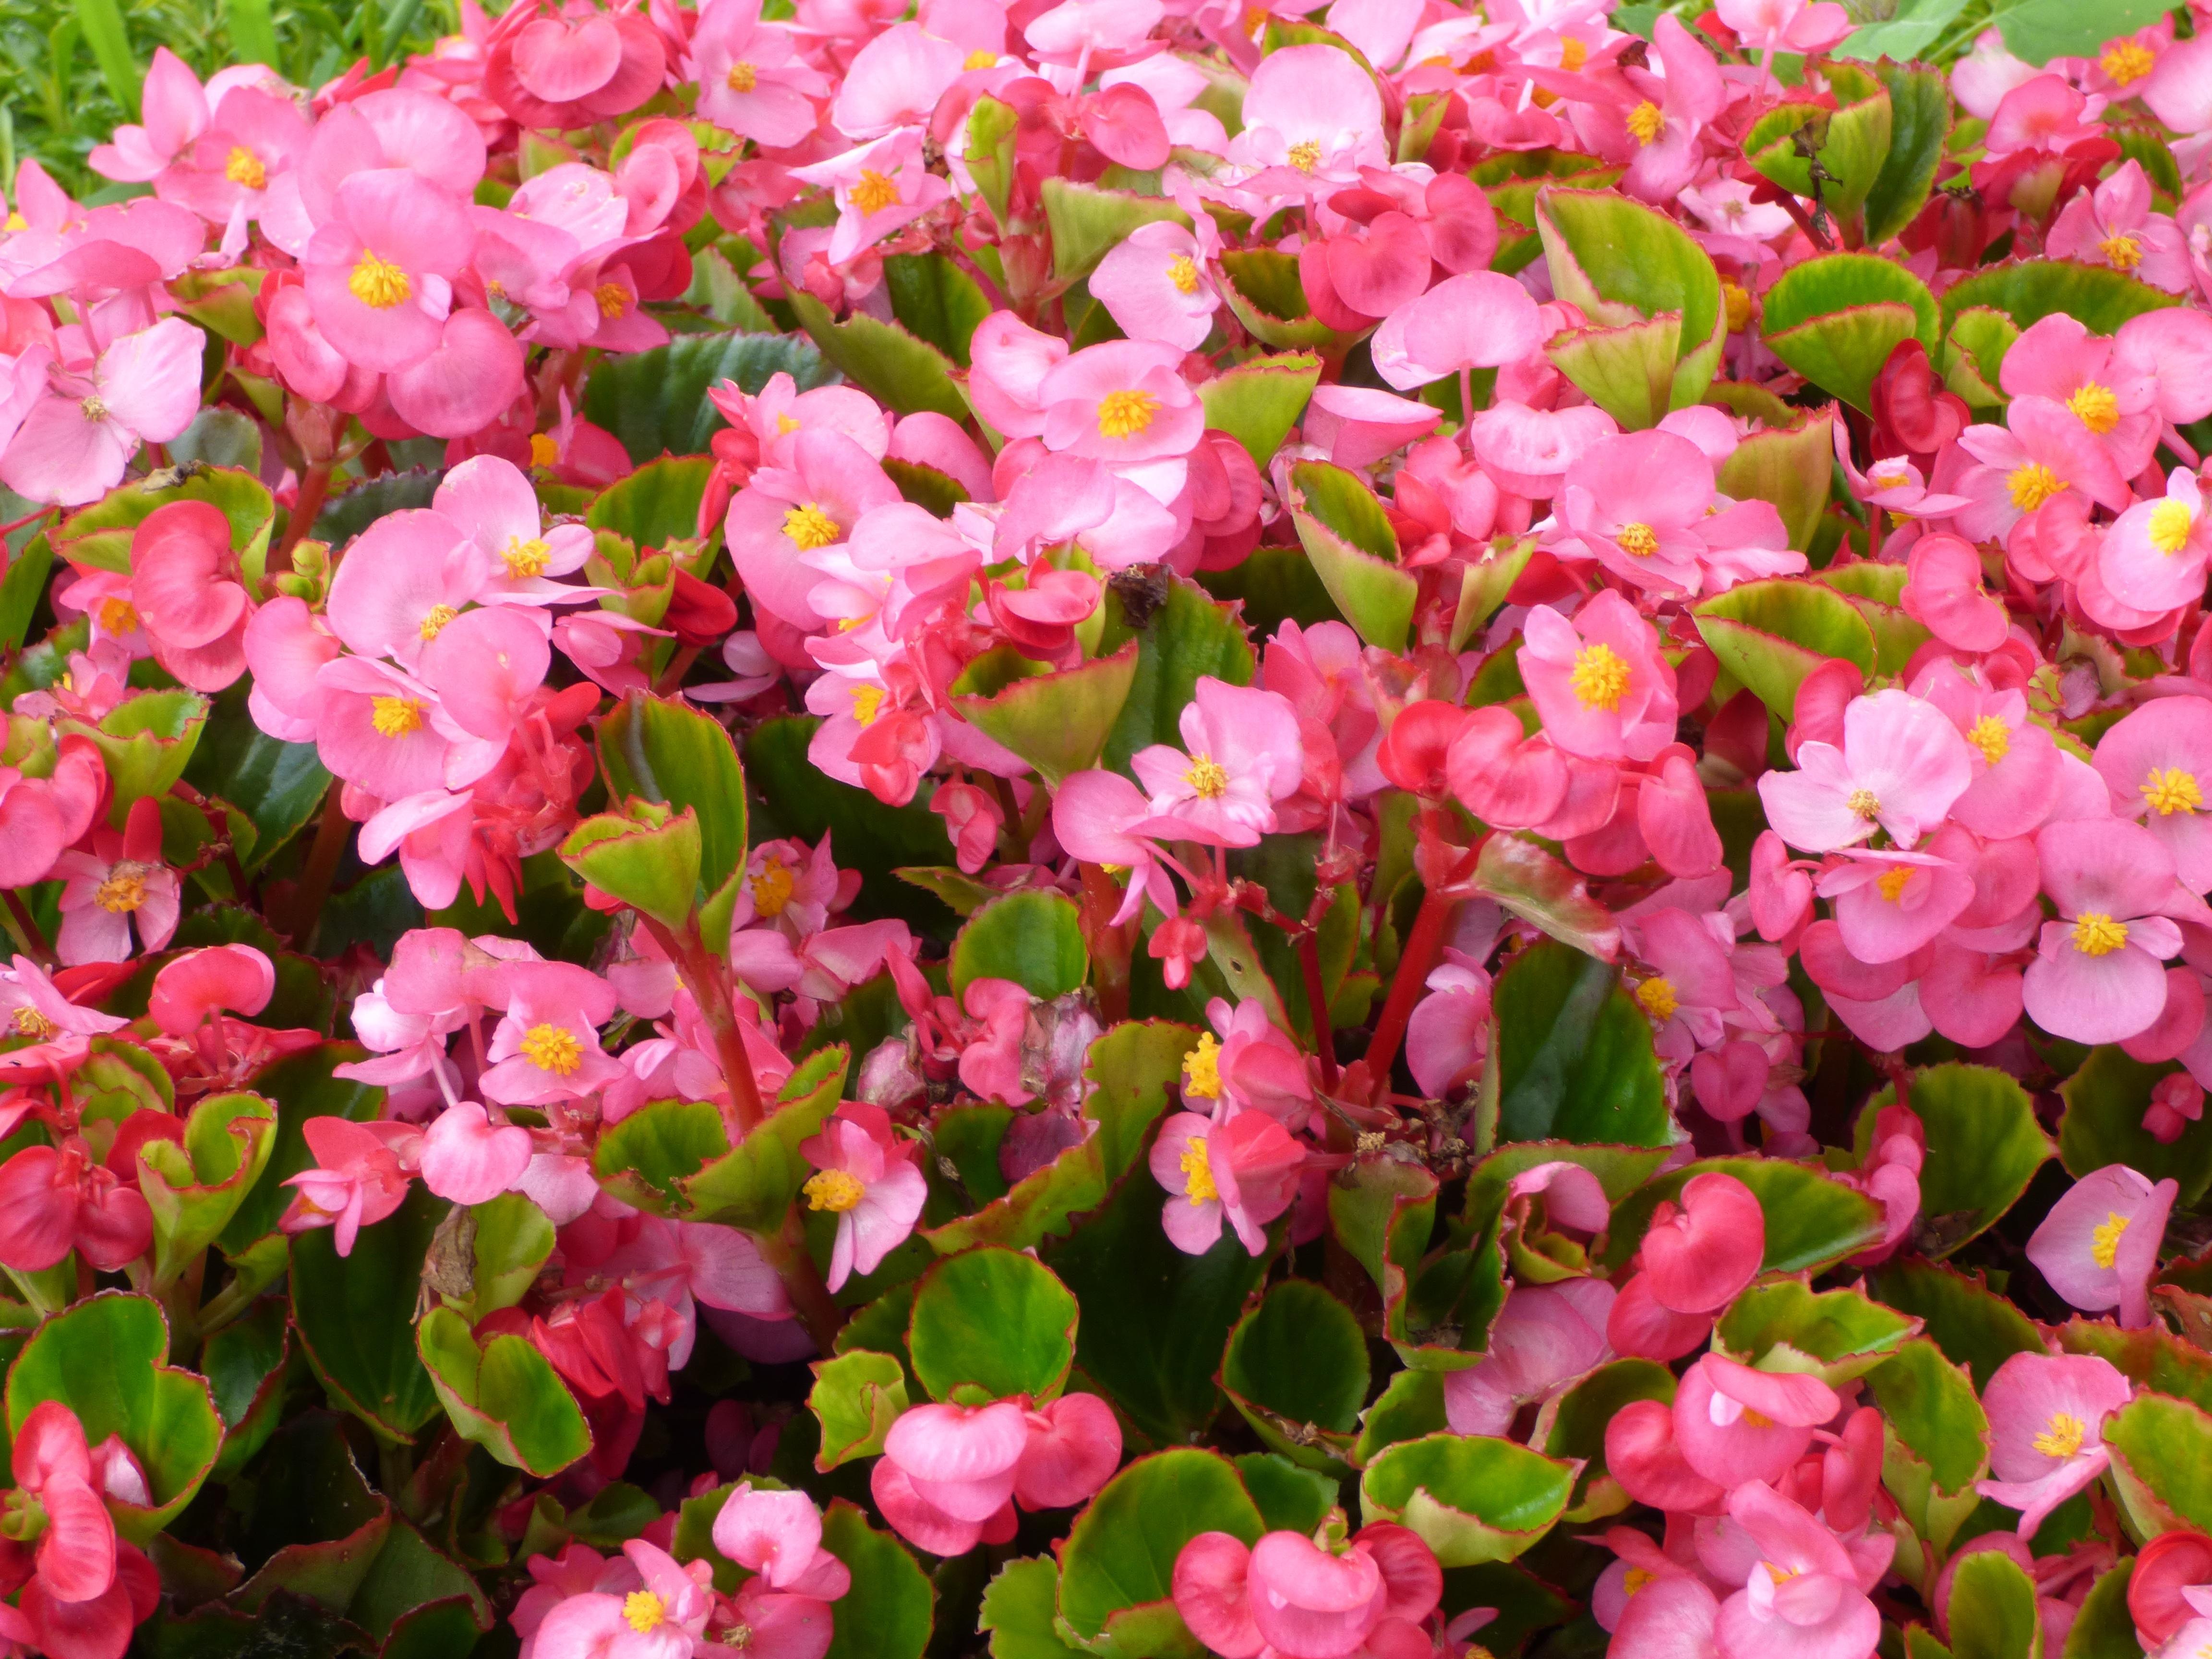 Gratuites la nature fleur champ pétale botanique